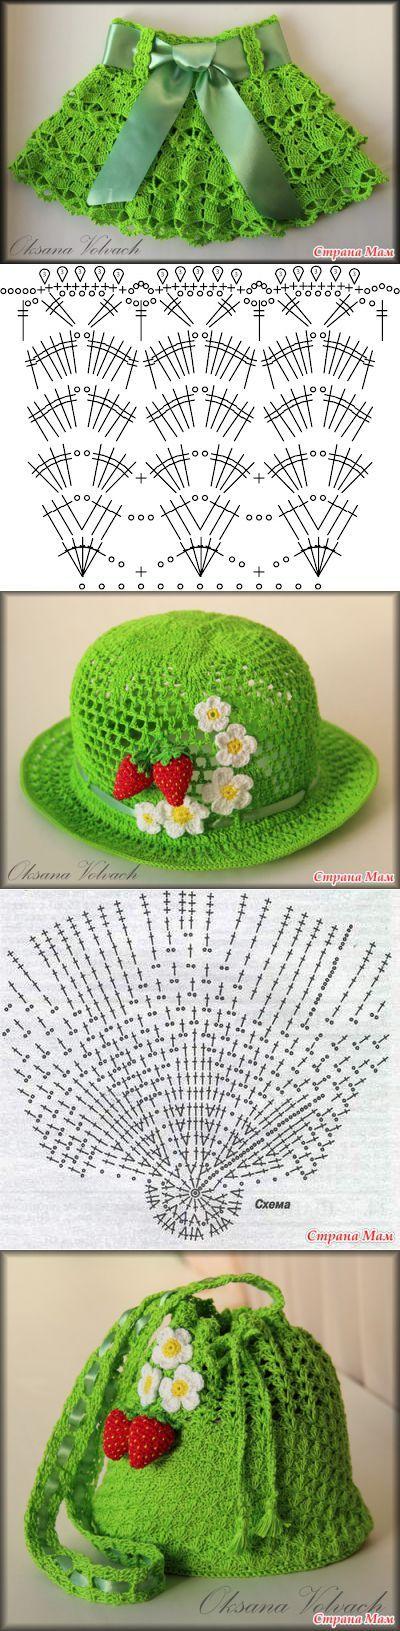 crochet | Vestidos | Pinterest | Ganchillo, Tejido y Falda